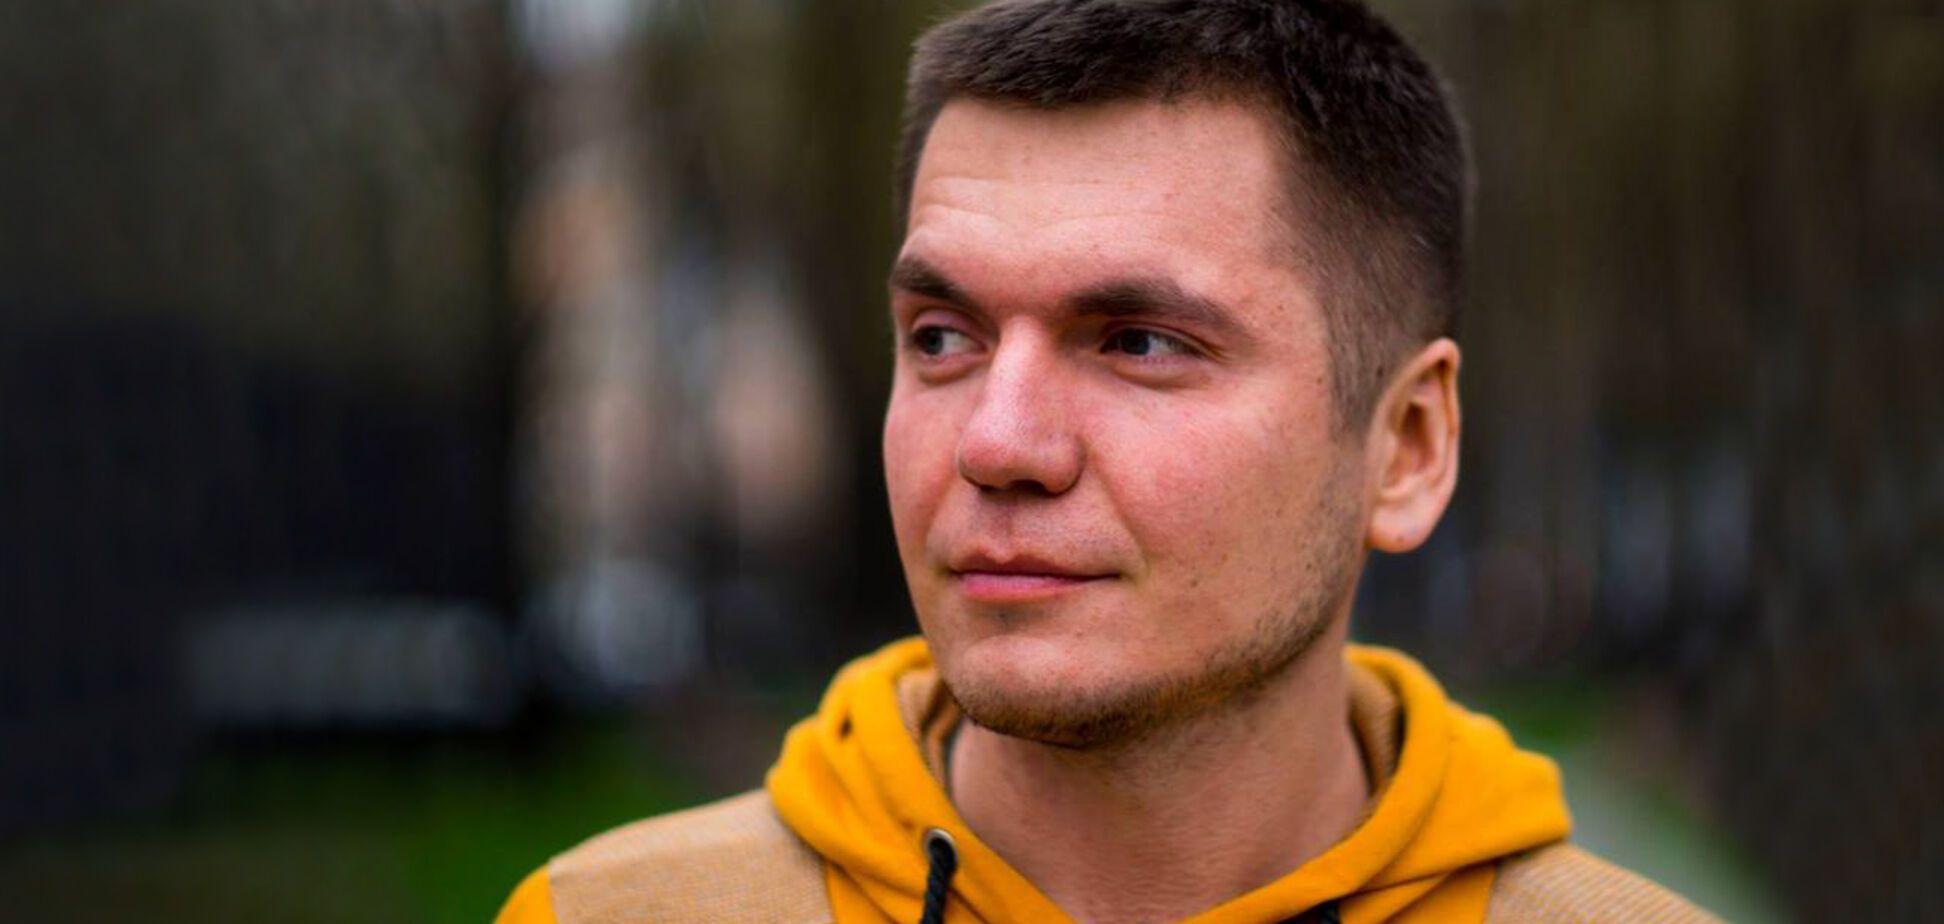 Исчезновение главаря 'ДНР': волонтер рассказал, что могло произойти